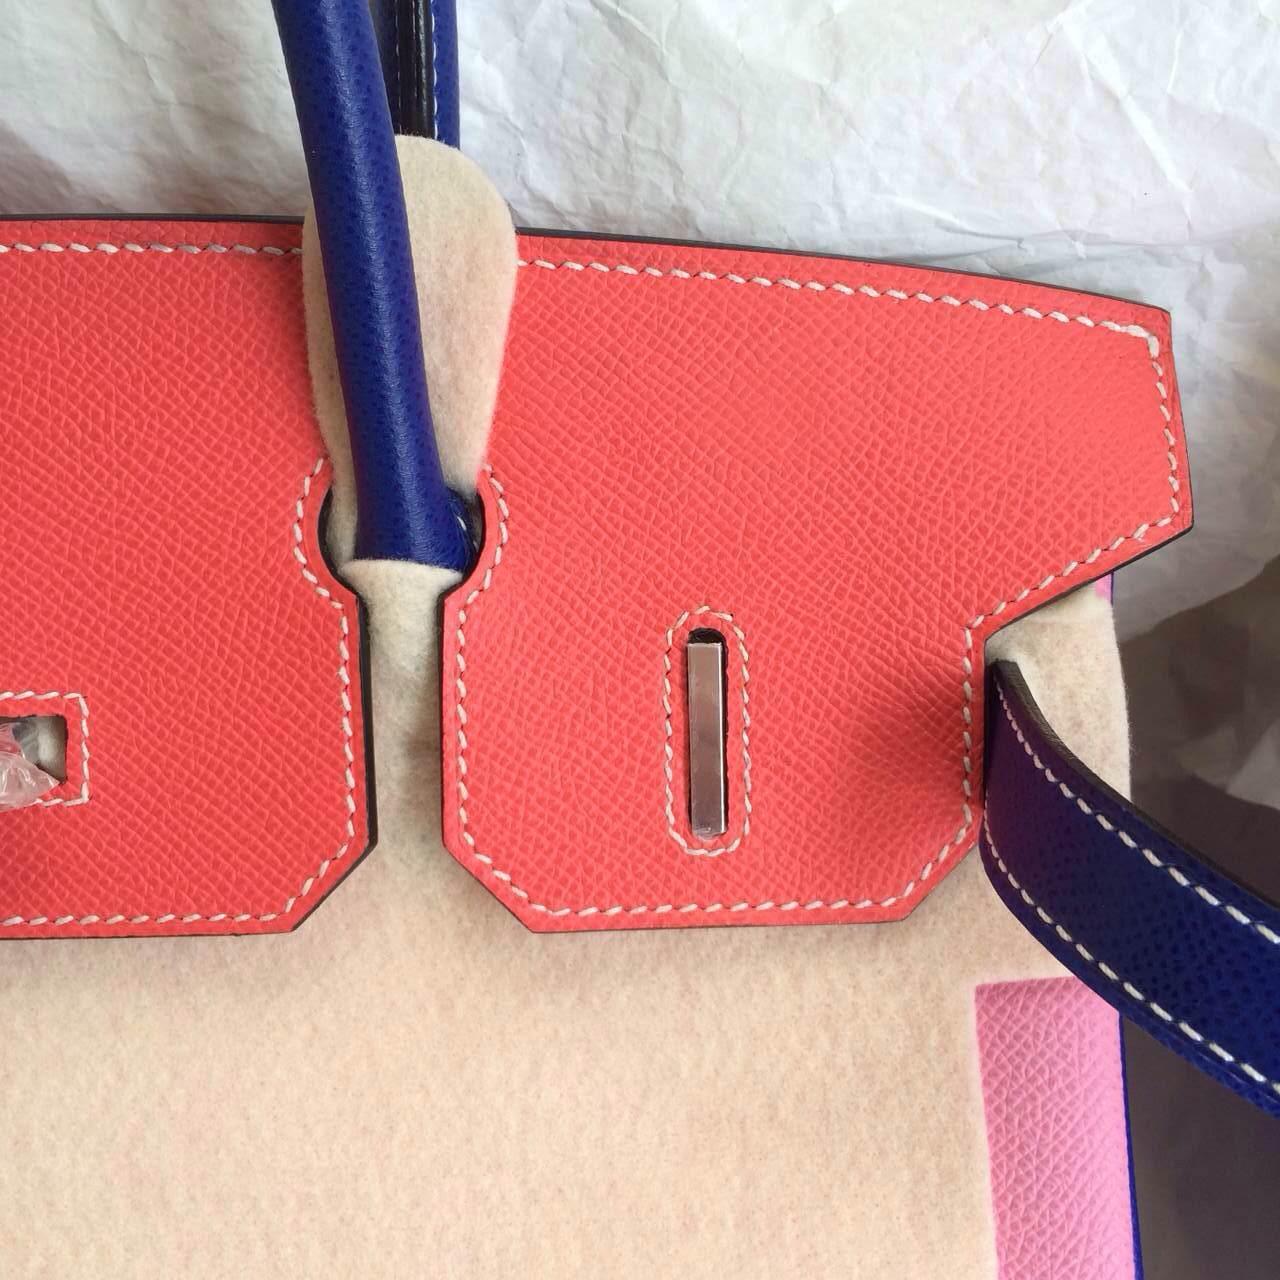 Hermes Birkin Bag 5P Pink/7T Blue Electric/T5 Rose Jaipur Epsom Leather